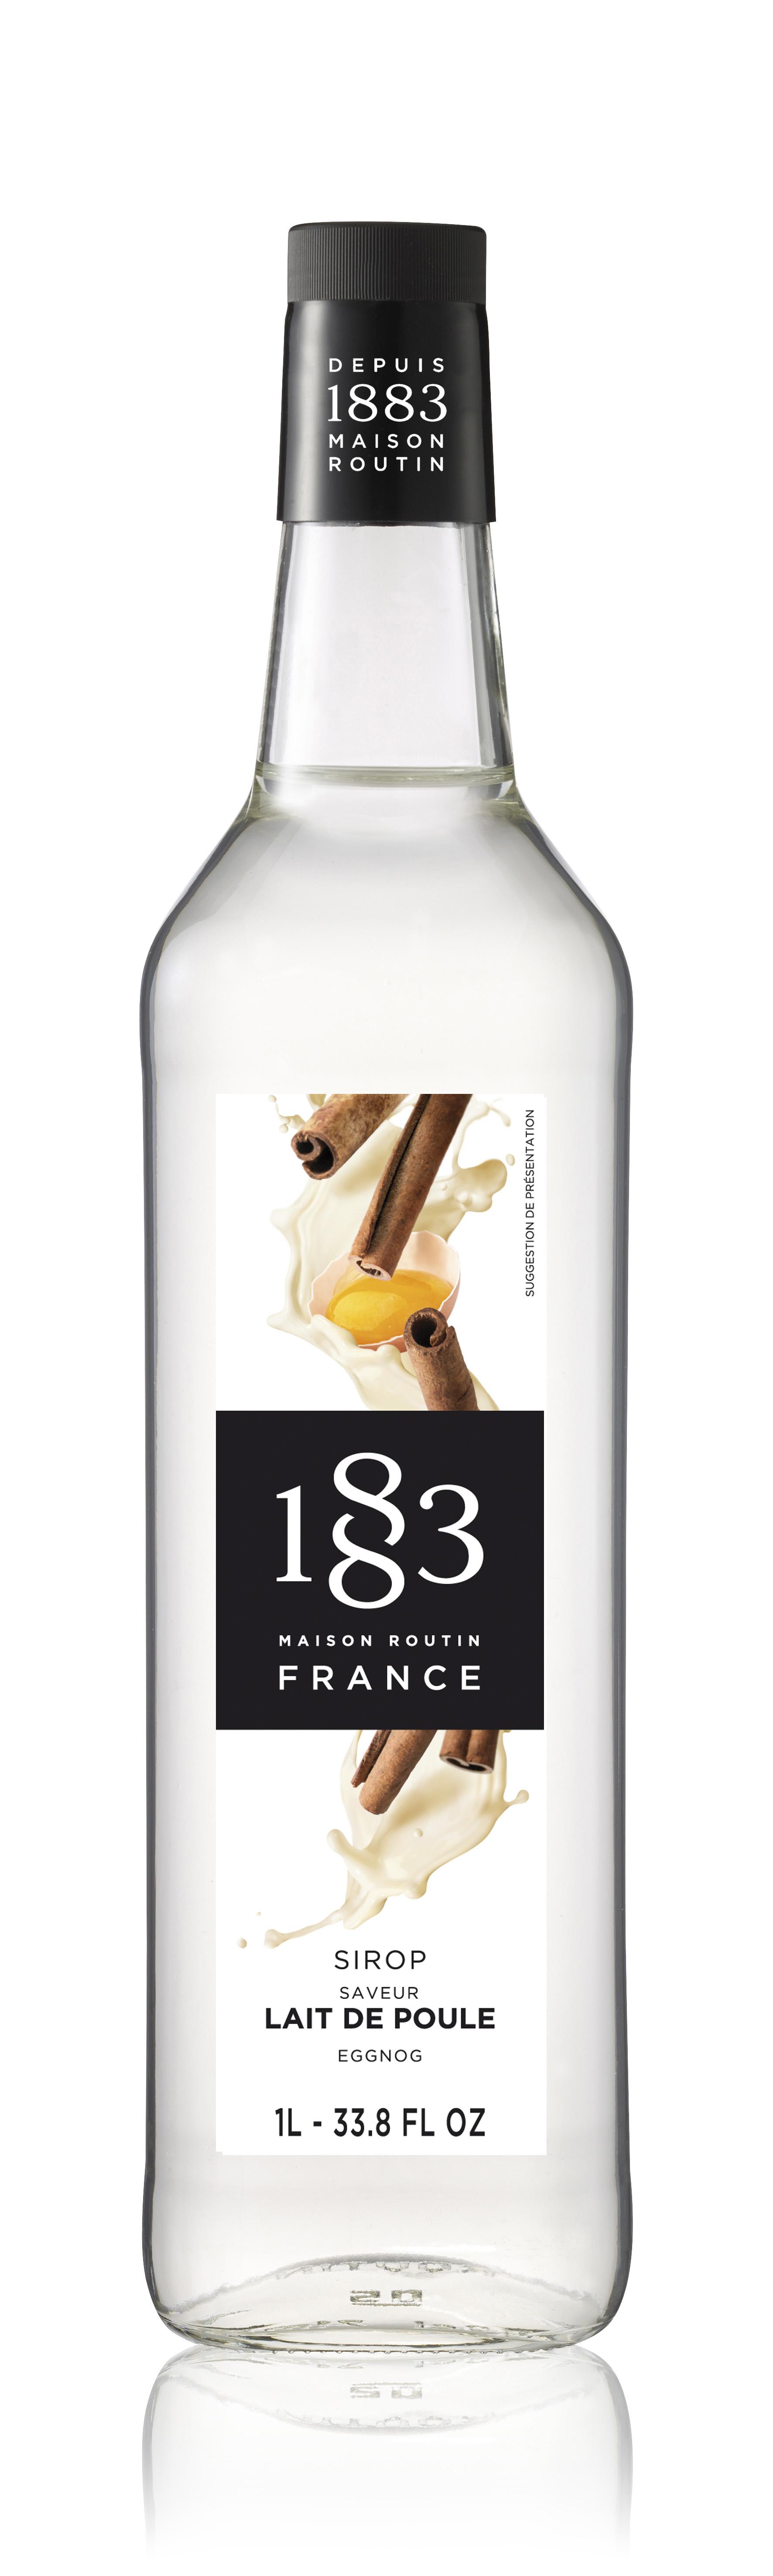 1883 Syrup Eggnog 1L Glass Bottle